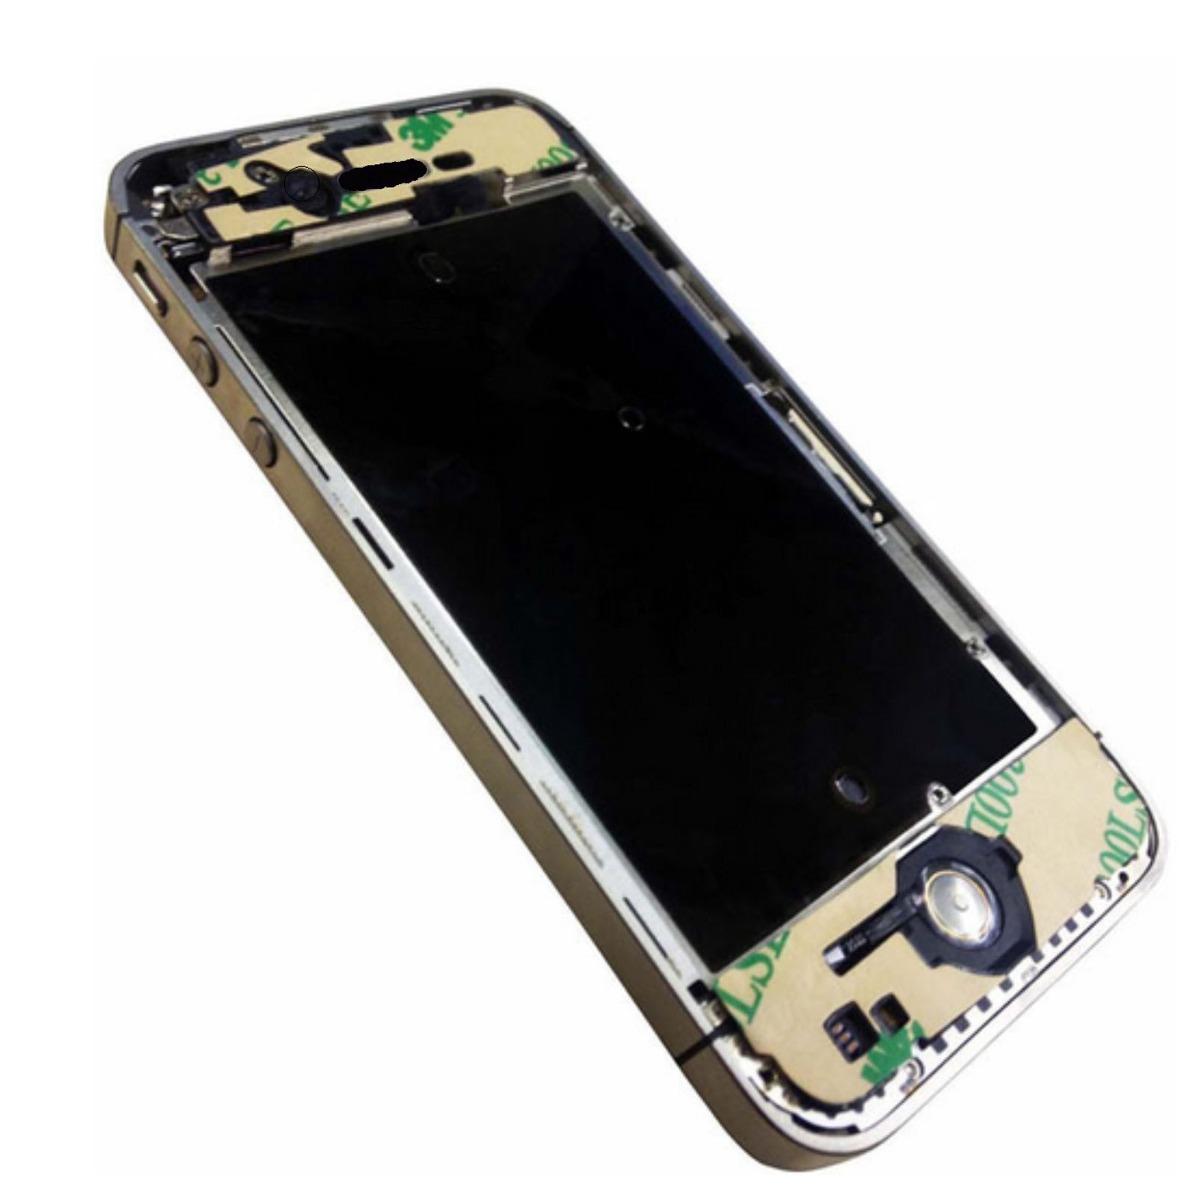 iphone modelo a1332